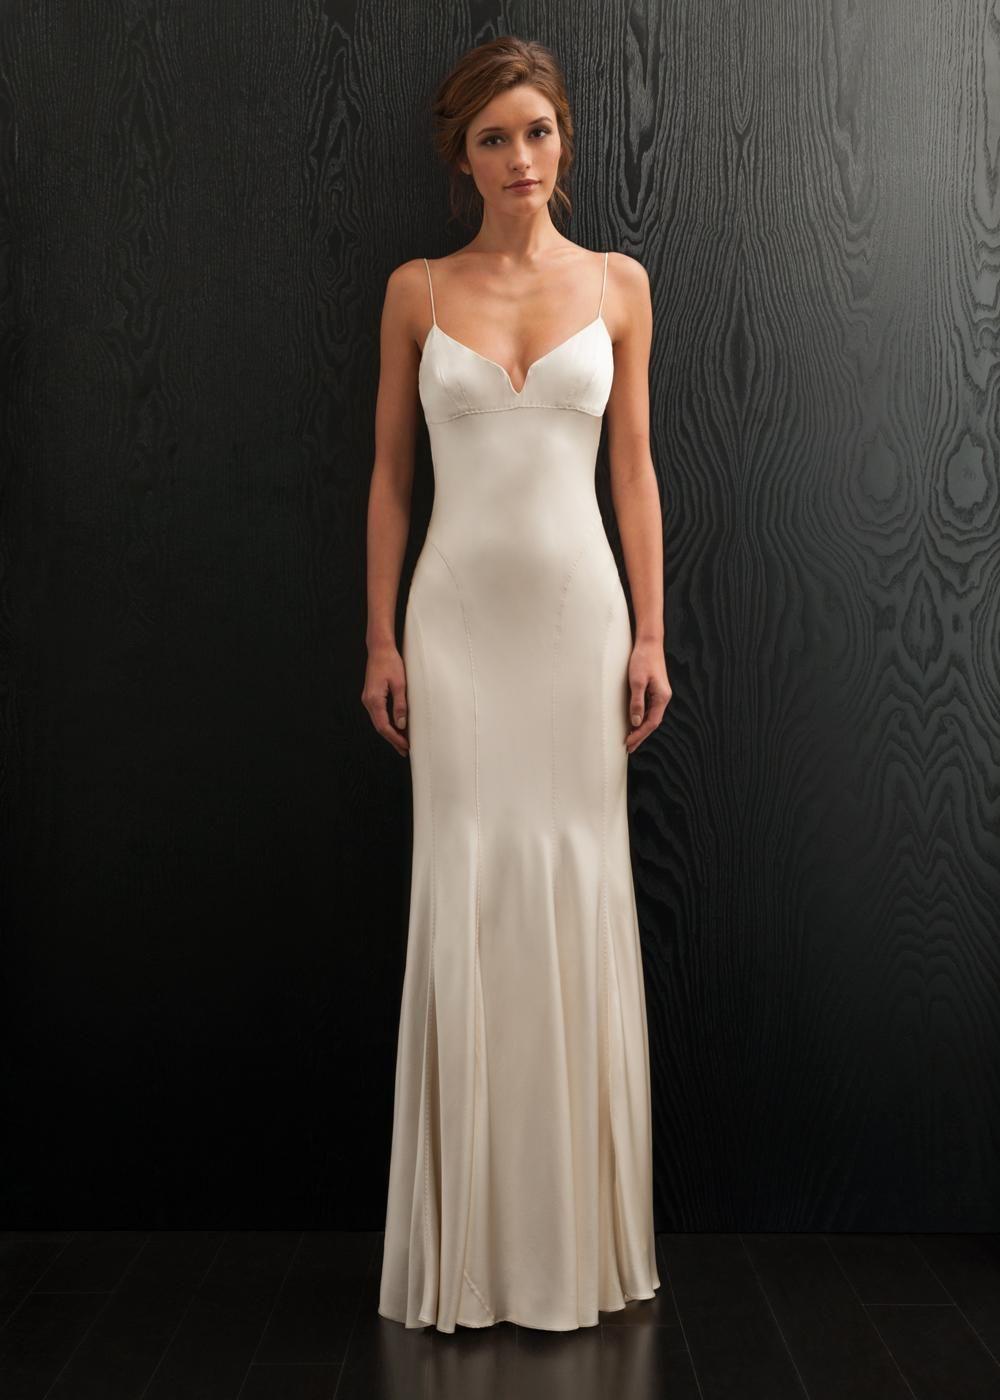 Wedding Reception Dress Wedding In 2018 Wedding Dresses Wedding